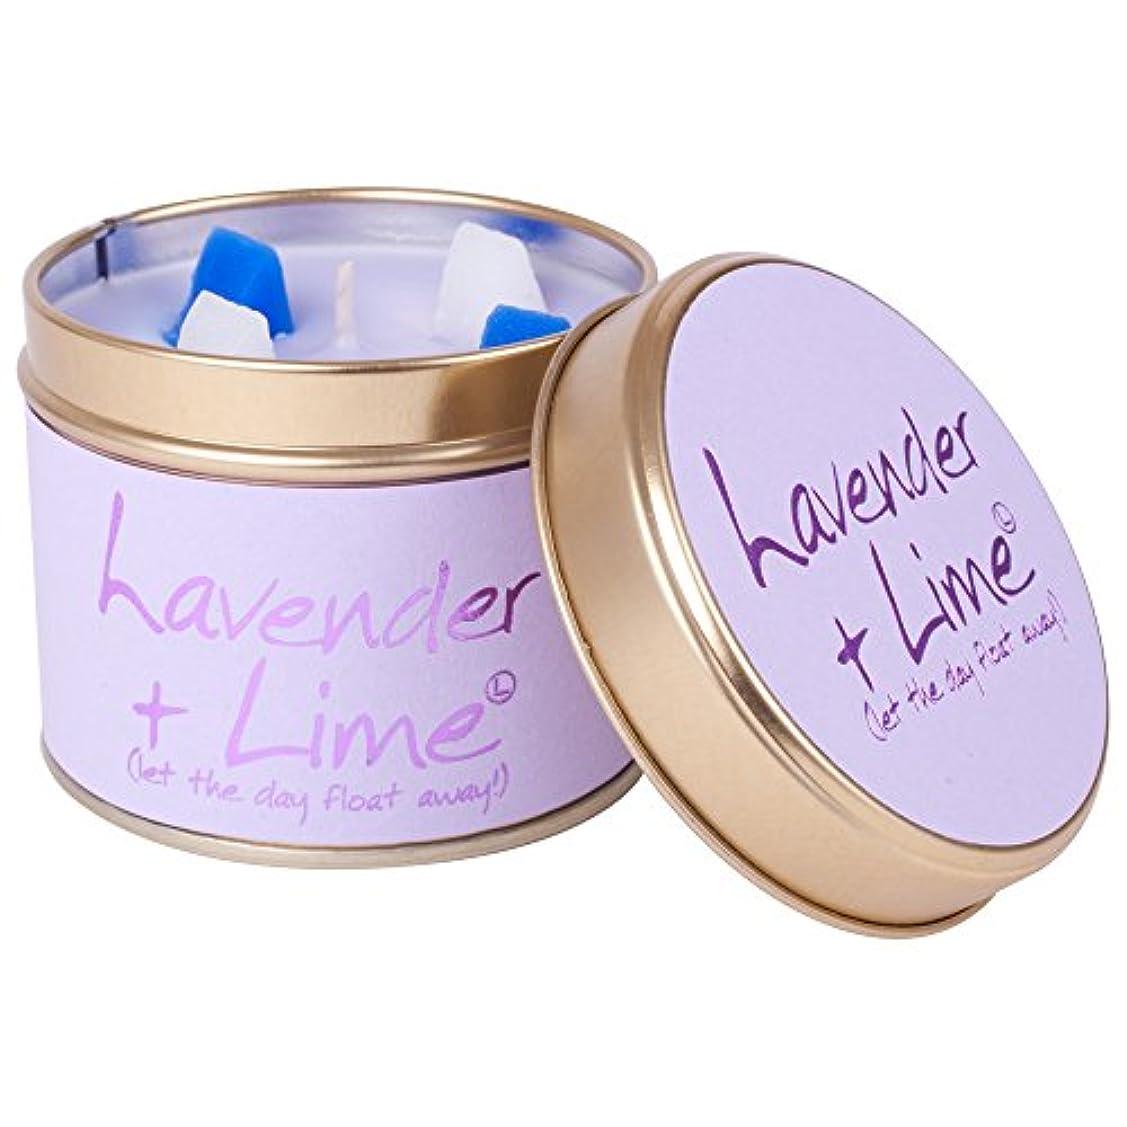 不良品ジーンズバッジユリ炎ラベンダー、ライムの香りのキャンドルスズ (Lily-Flame) - Lily-Flame Lavender and Lime Scented Candle Tin [並行輸入品]